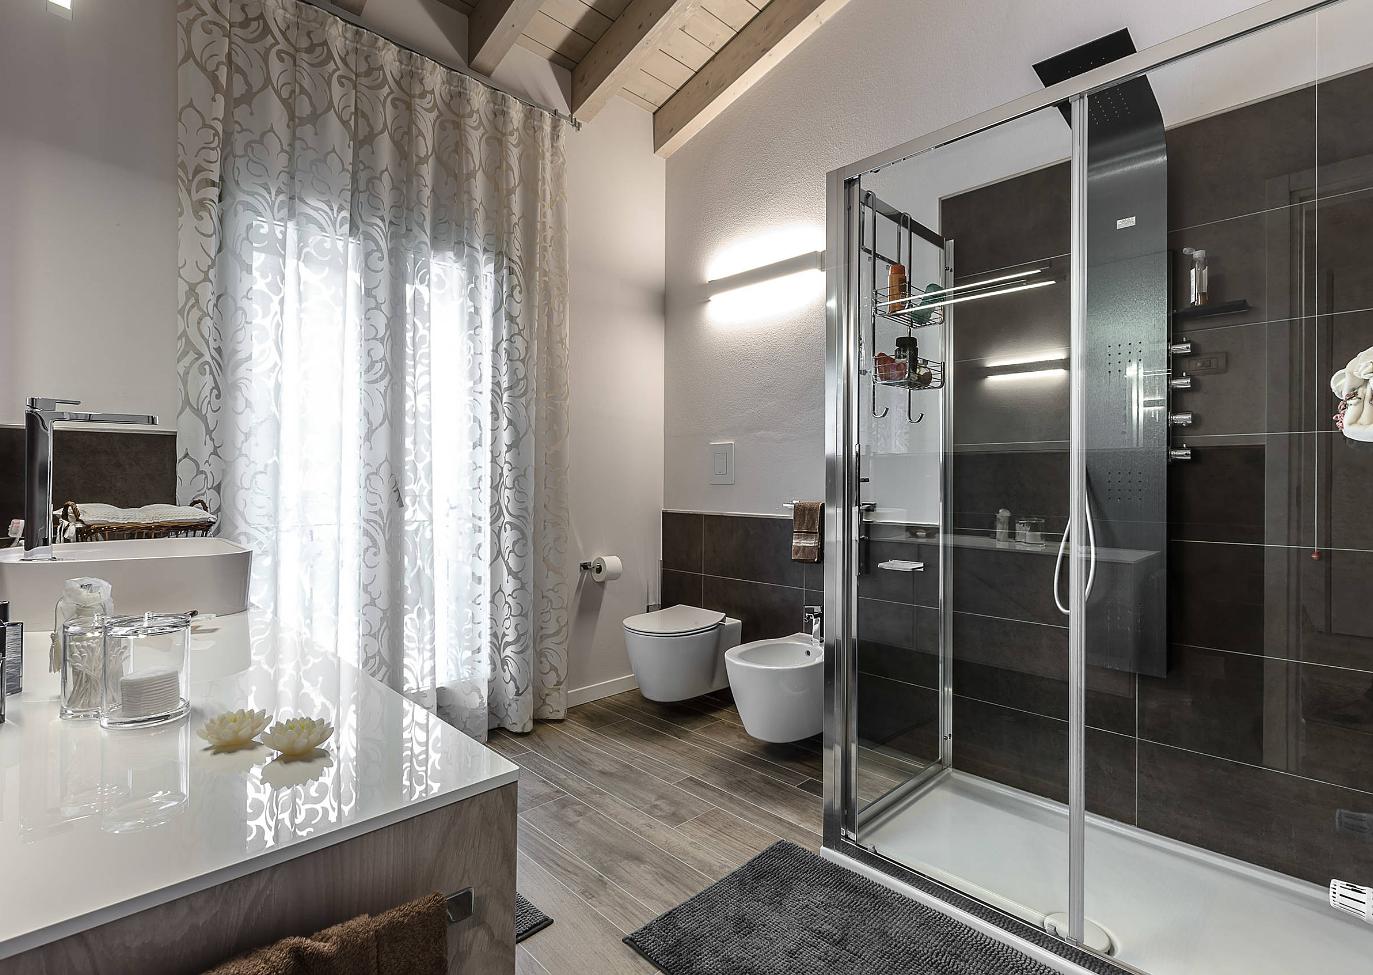 Costo Per Rifare Bagno come rinnovare il bagno senza spendere troppo (fotogallery